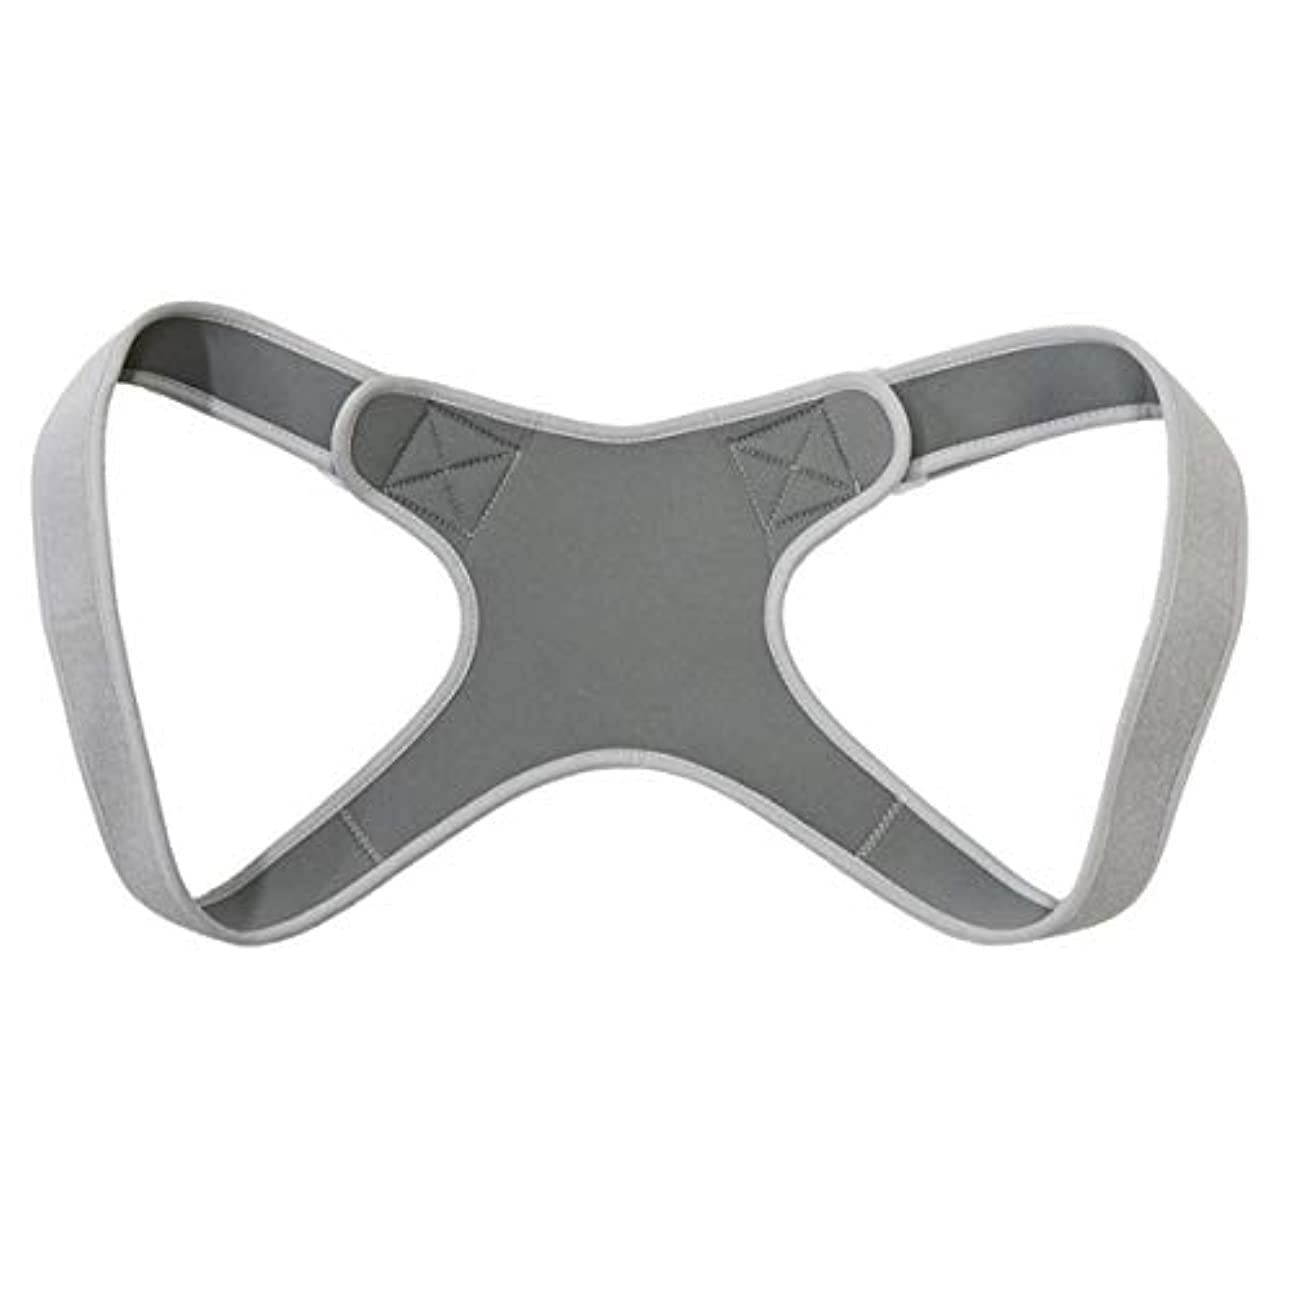 そこから疾患フルート新しいアッパーバックポスチャーコレクター姿勢鎖骨サポートコレクターバックストレートショルダーブレースストラップコレクター - グレー